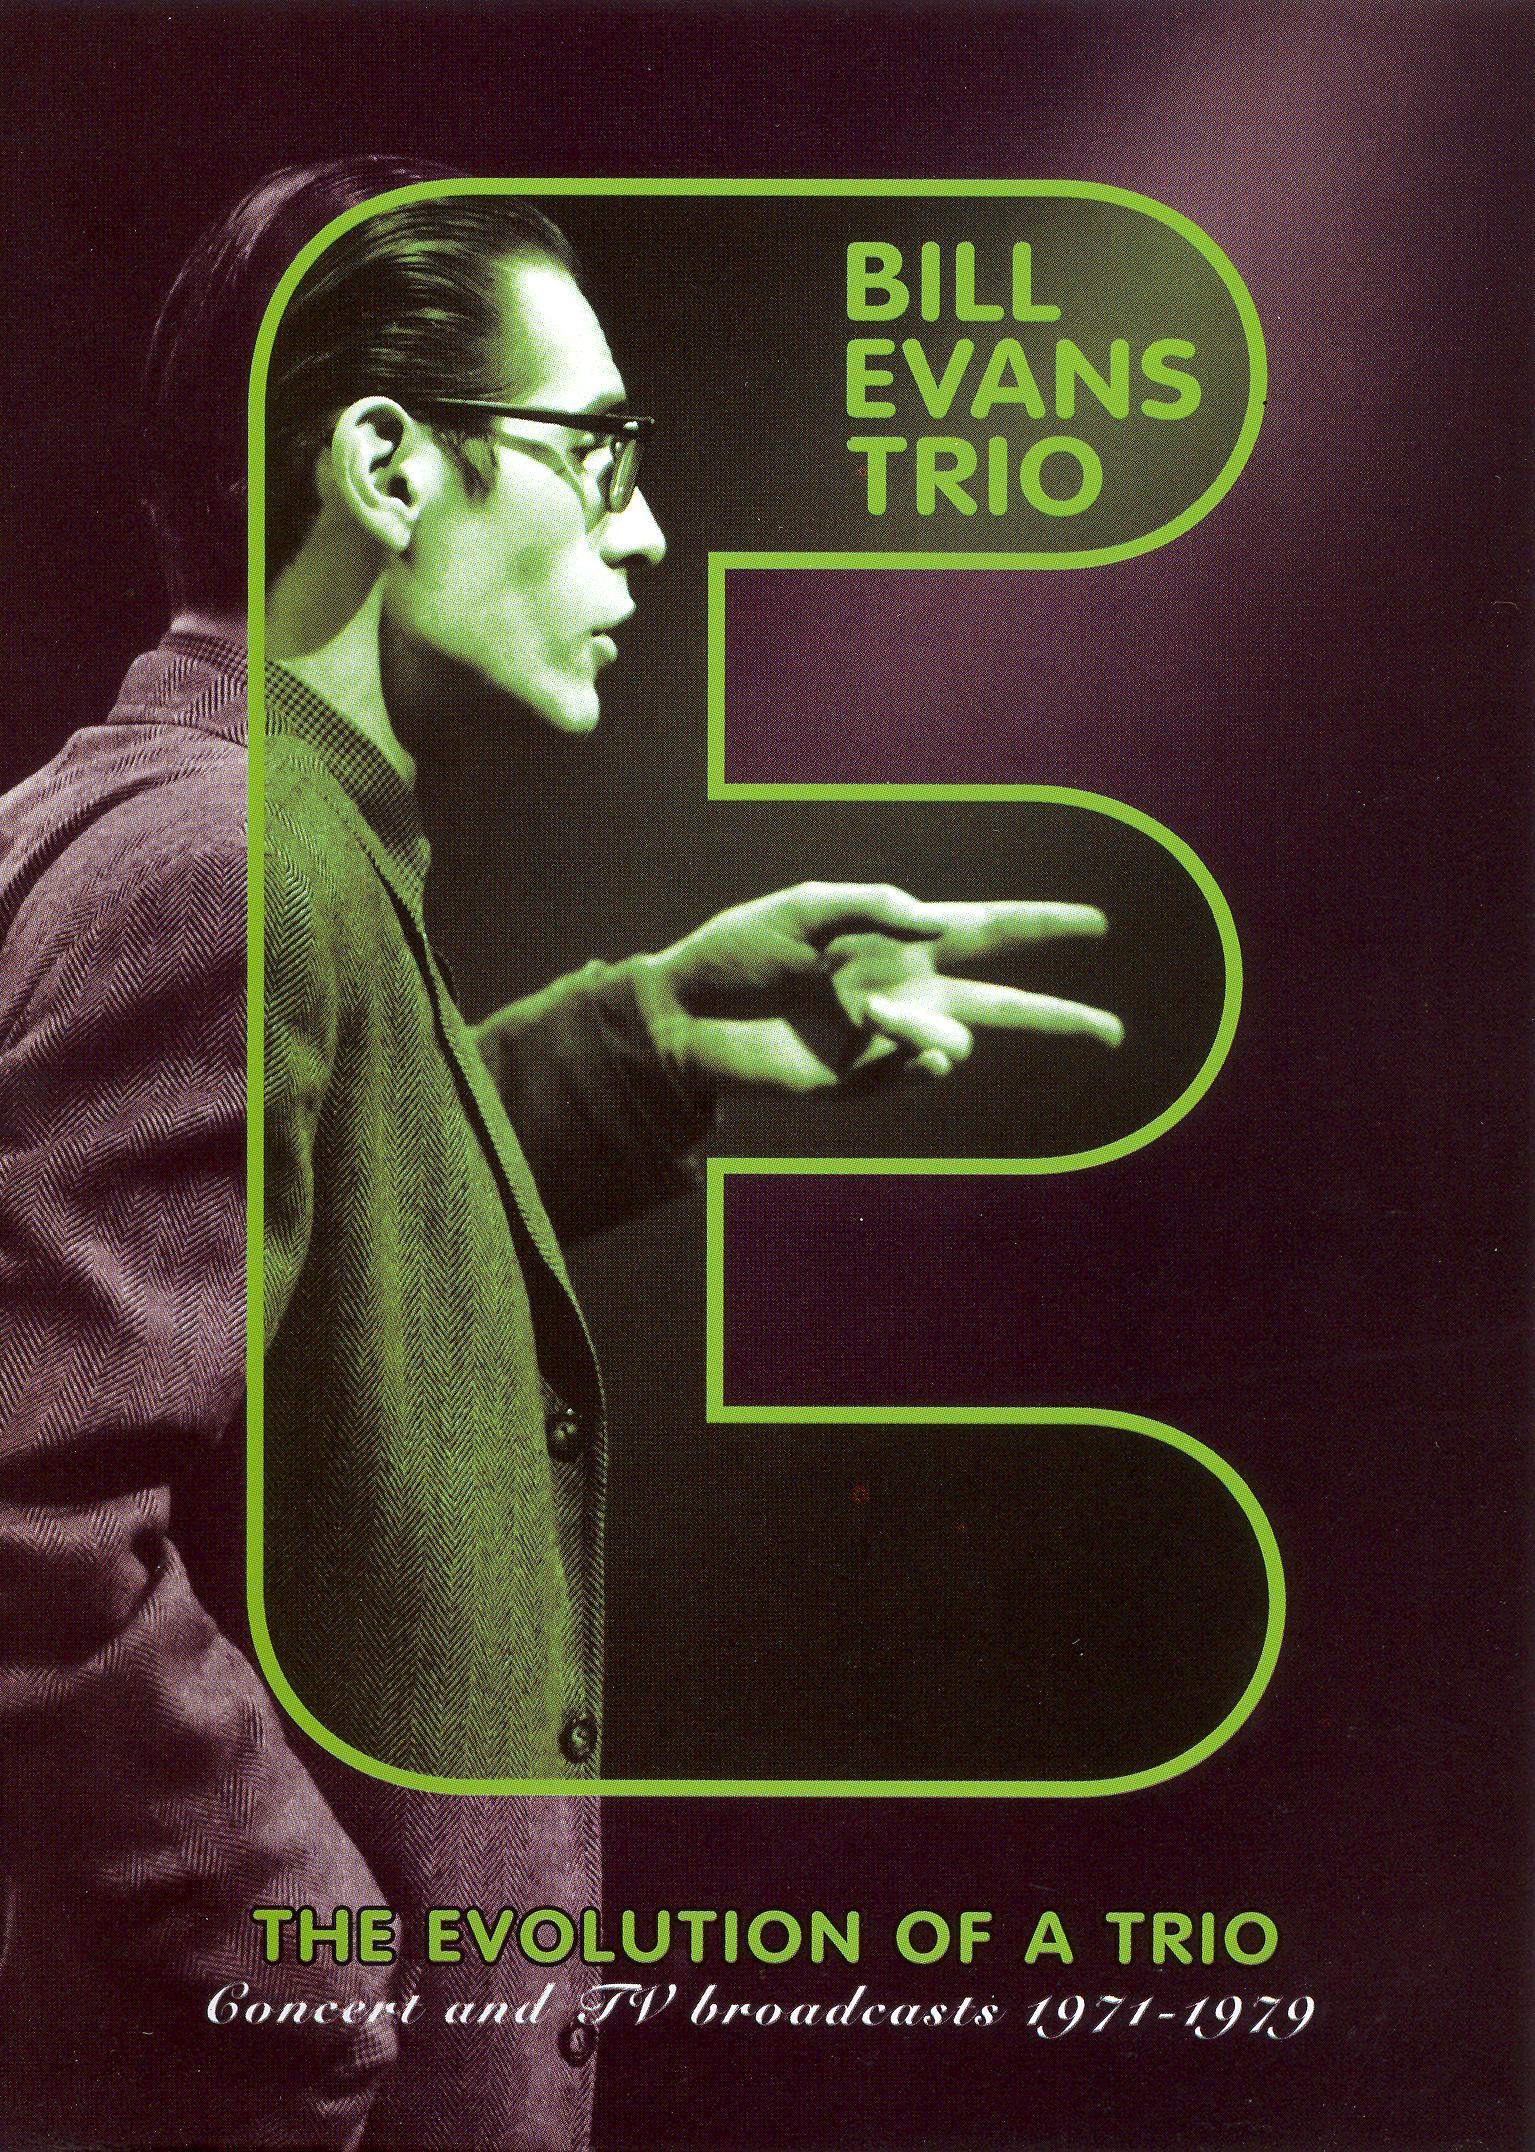 The Bill Evans Trio: Evolution of a Trio